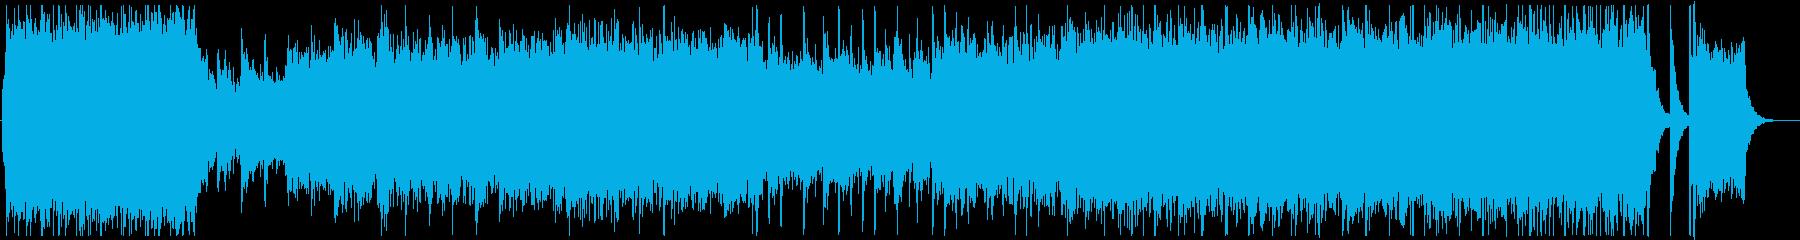 エンディングに合う感動的なオーケストラの再生済みの波形